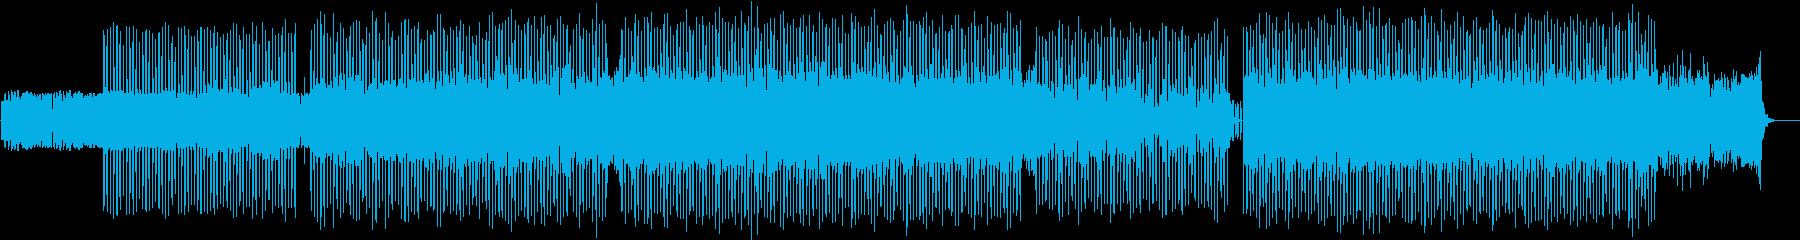 パレード風の楽しい元気なテクノポップの再生済みの波形